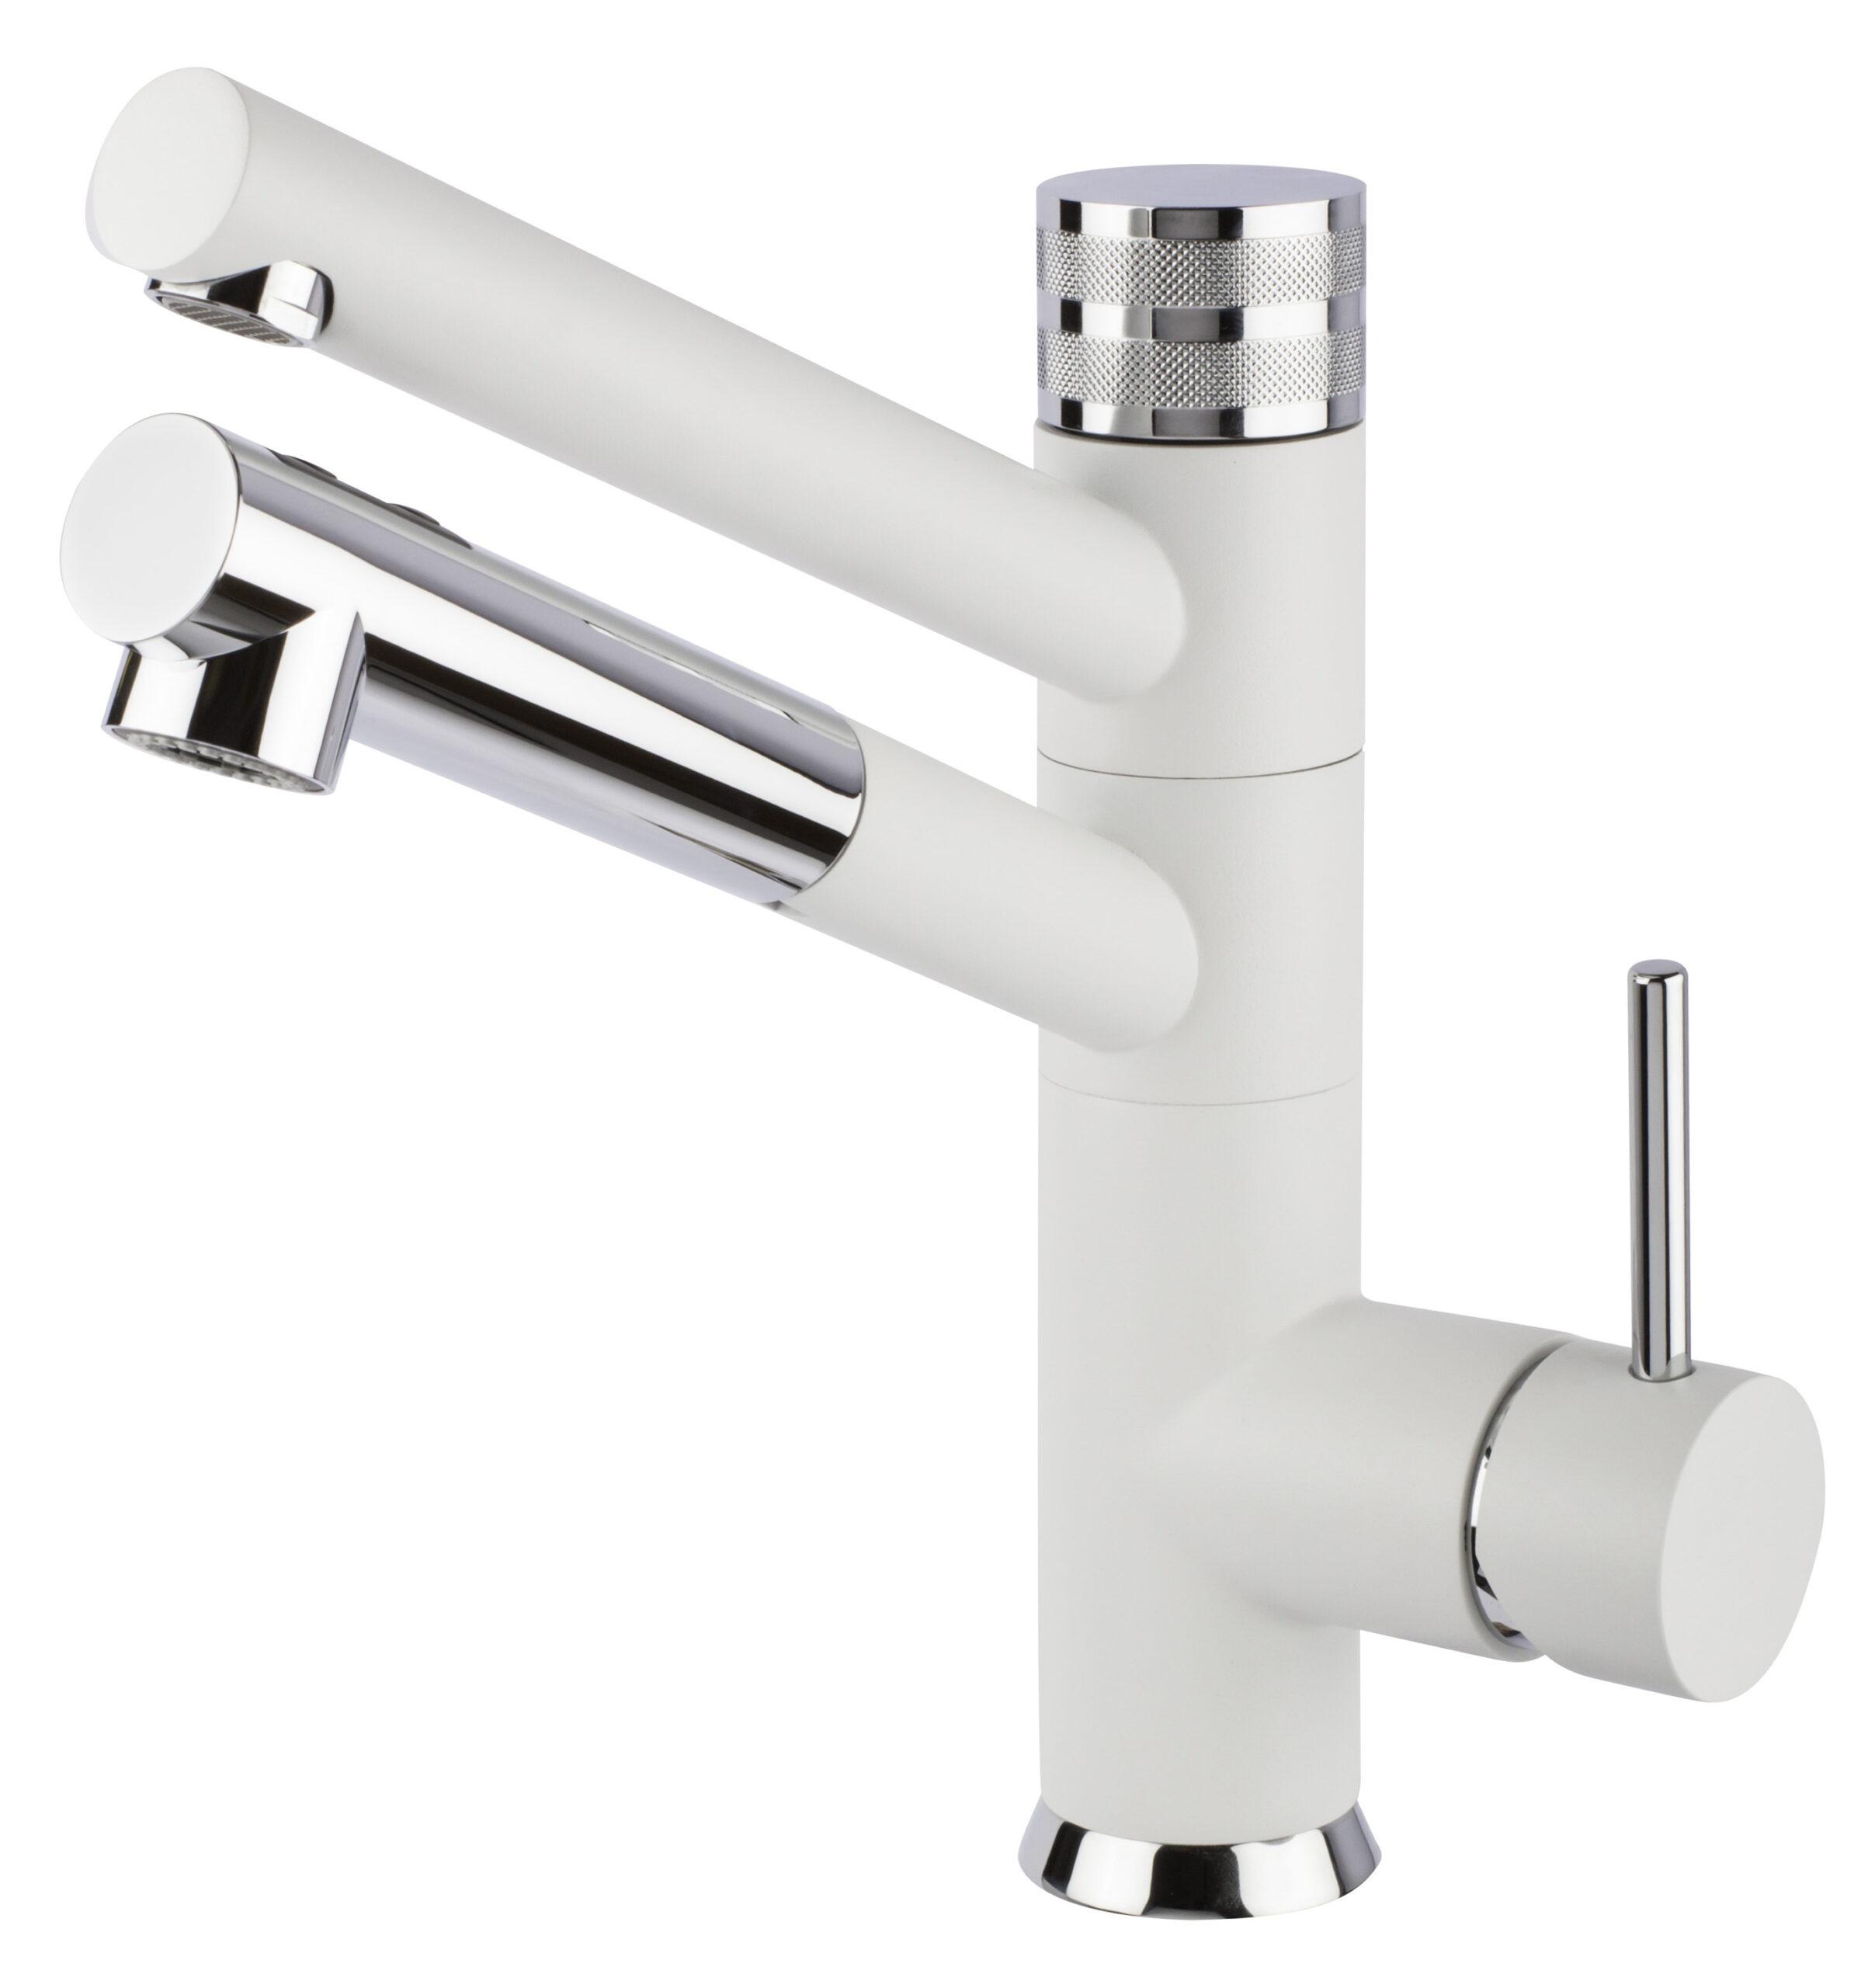 Full Size of Ausziehbarer Wasserhahn Undicht Tropft Küche Wandanschluss Für Esstisch Bad Wohnzimmer Ausziehbarer Wasserhahn Undicht